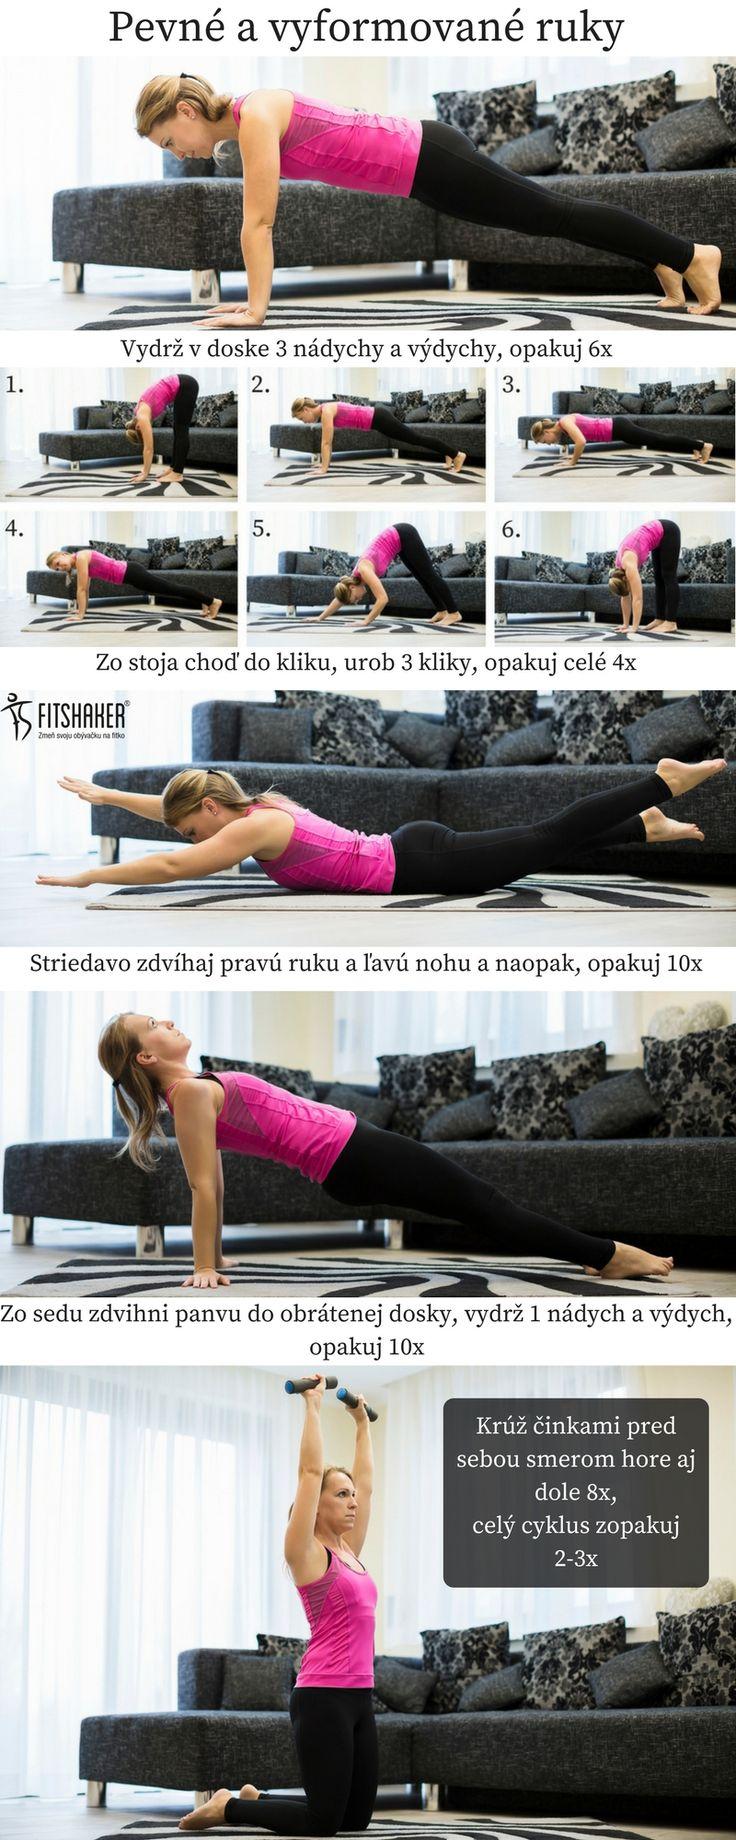 Pilates cvičenie na vyformované ruky